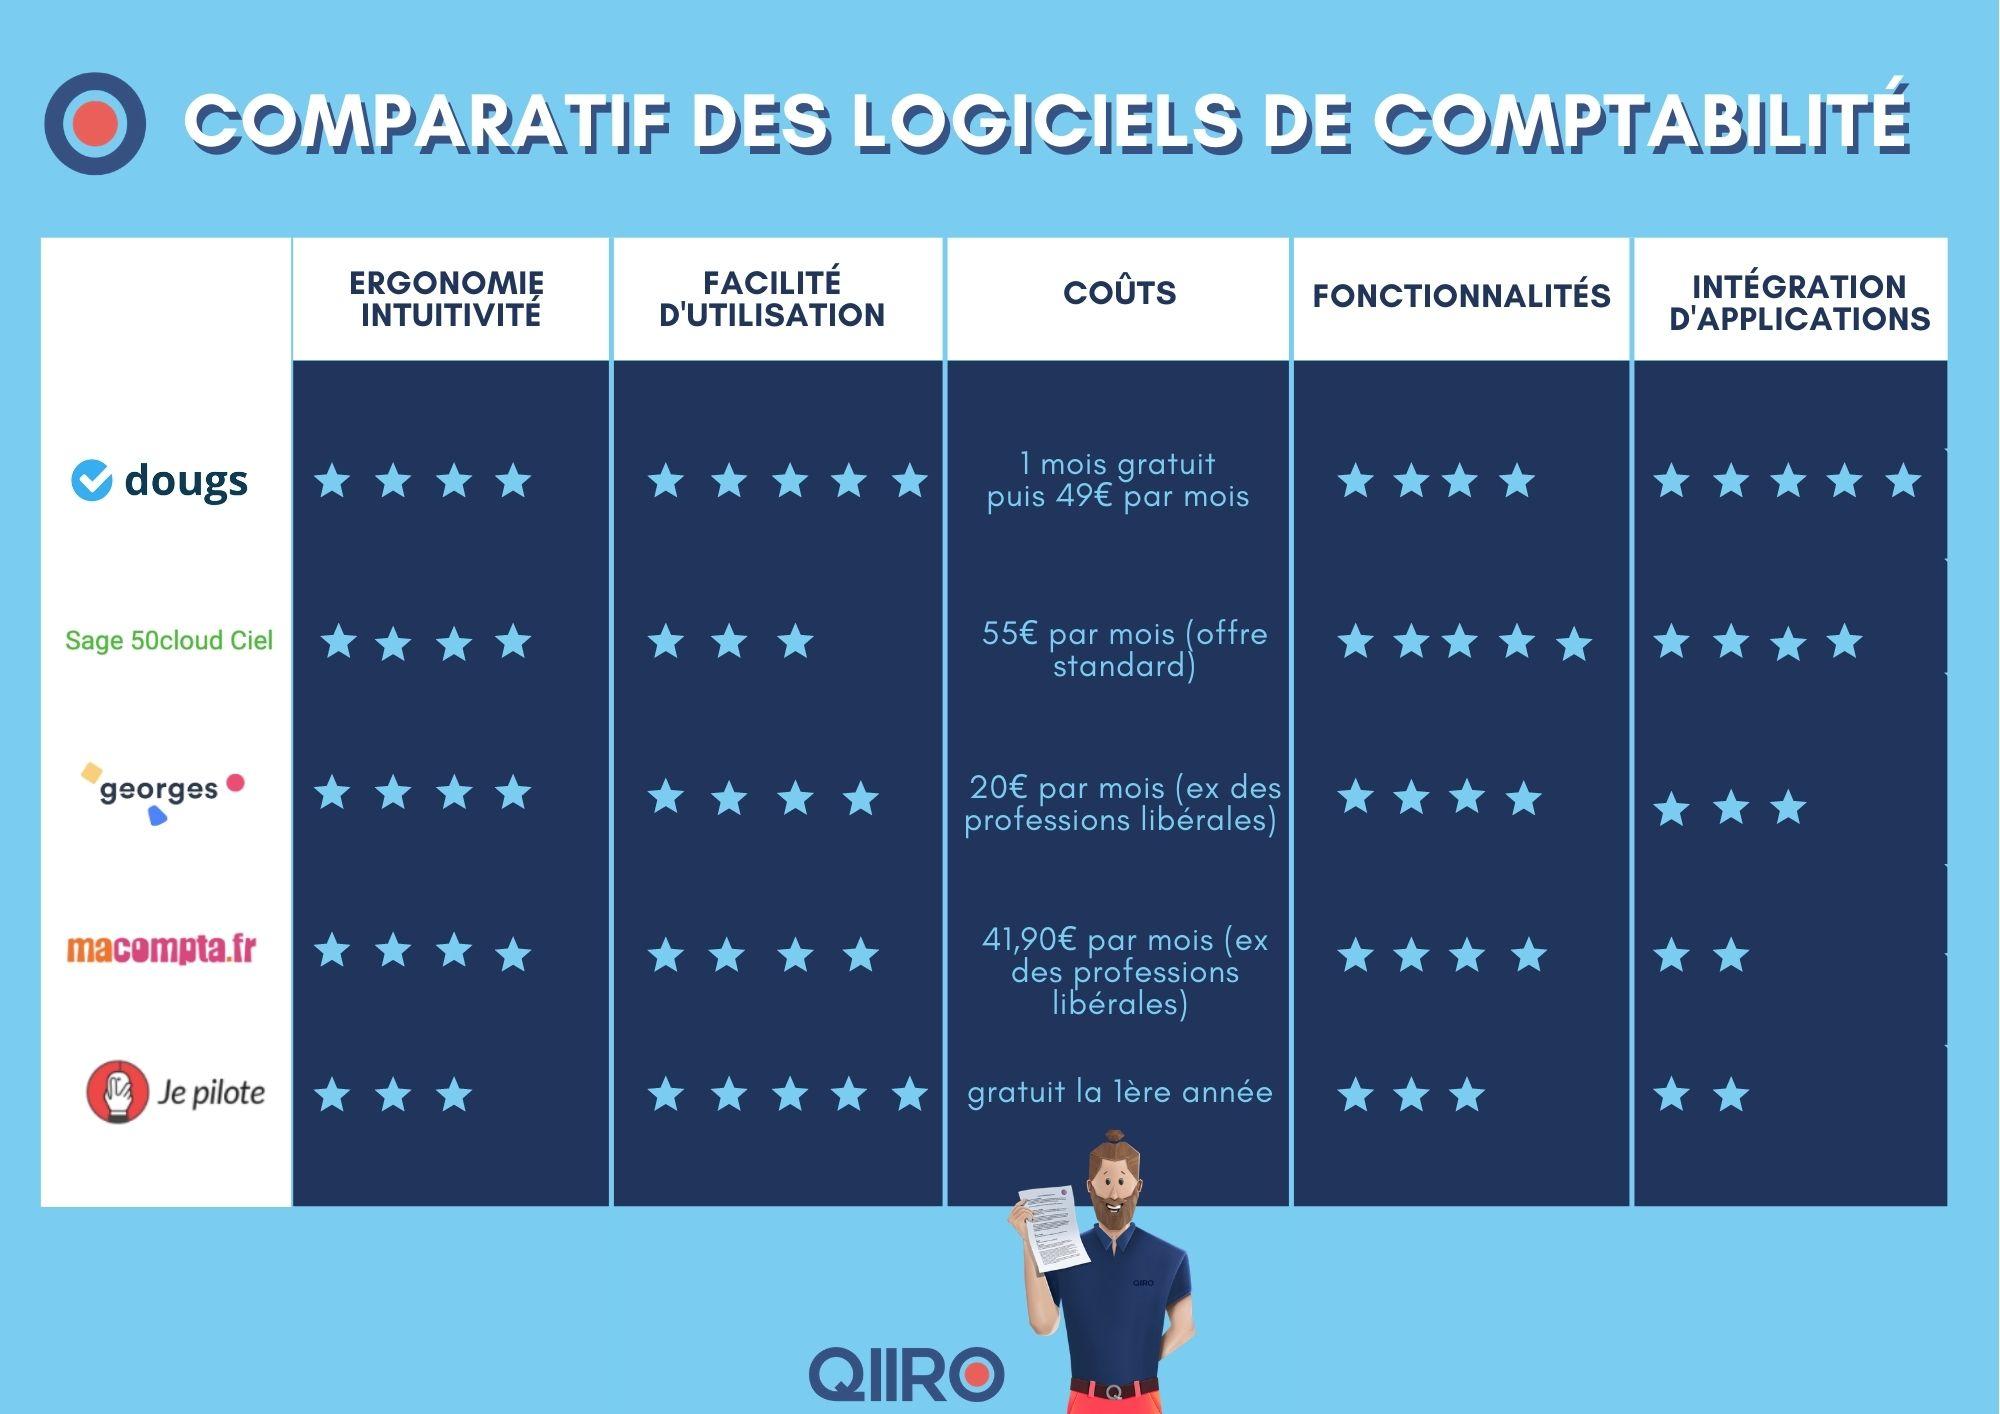 comparatif logiciel comptabilité